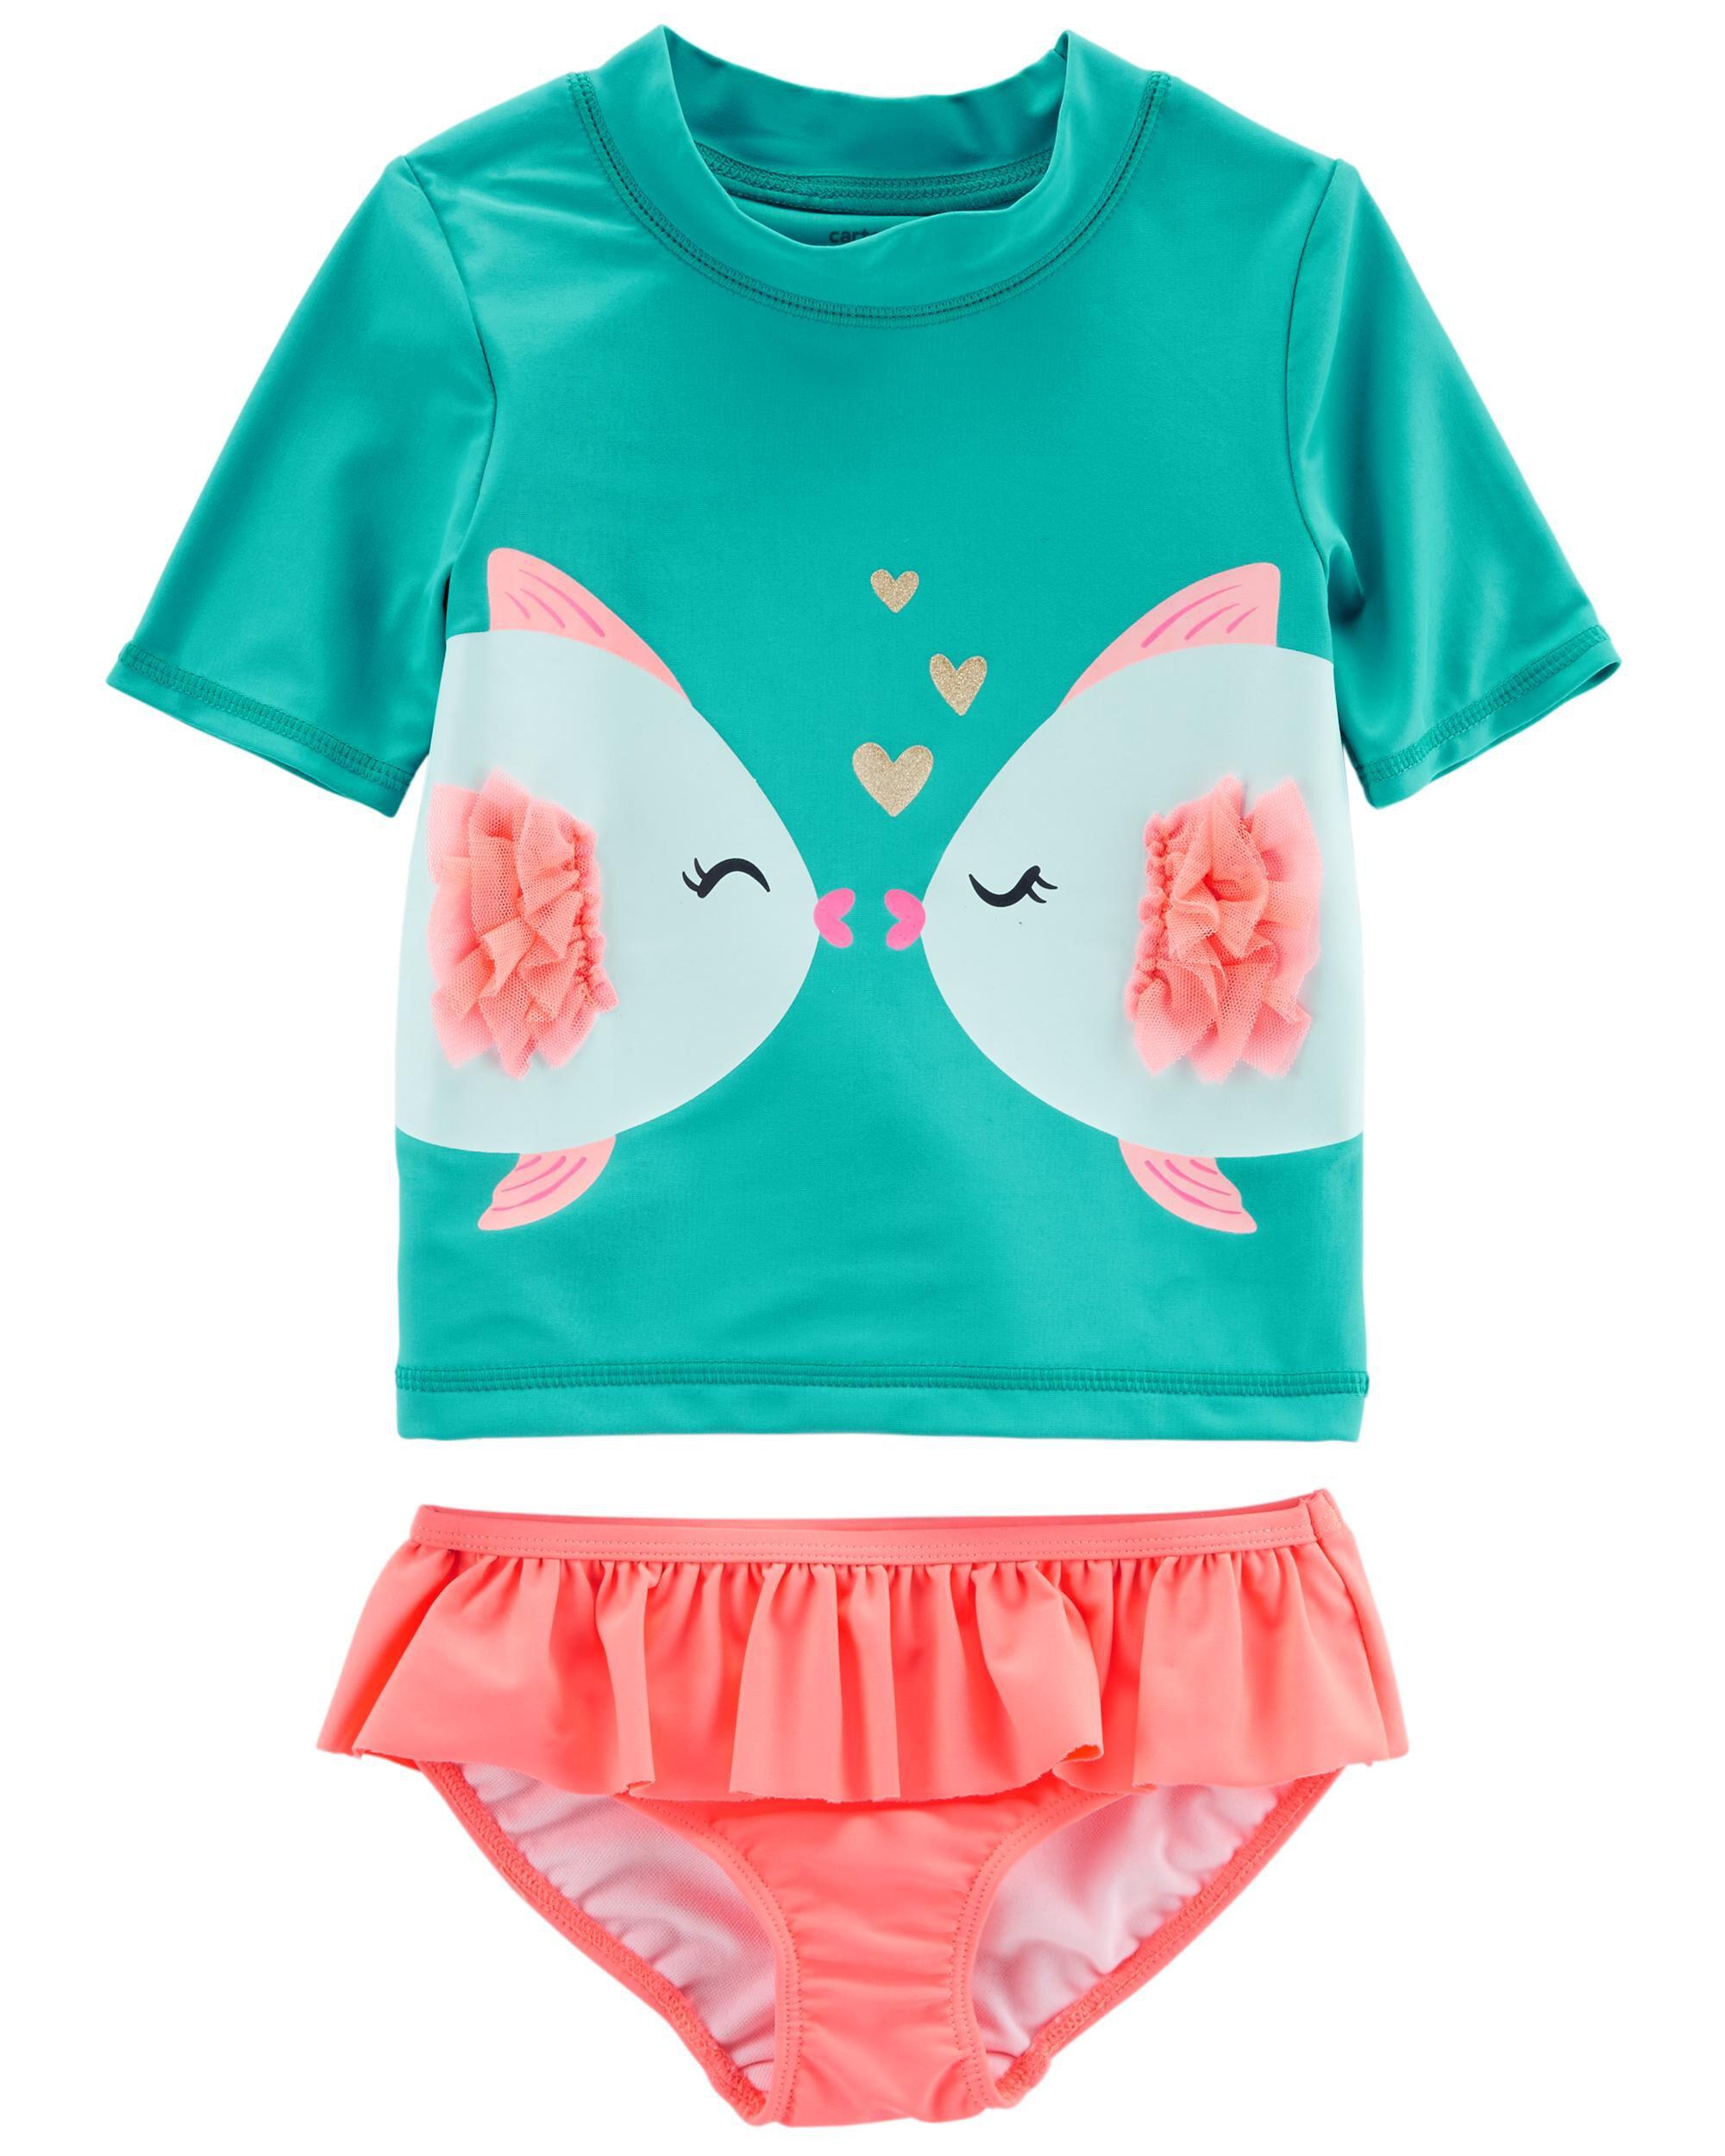 Carters 4t 2 Piece Rashgurd Swim Set Swim Suit Bathing Suit Excellent Condition Clothing, Shoes & Accessories Swimwear